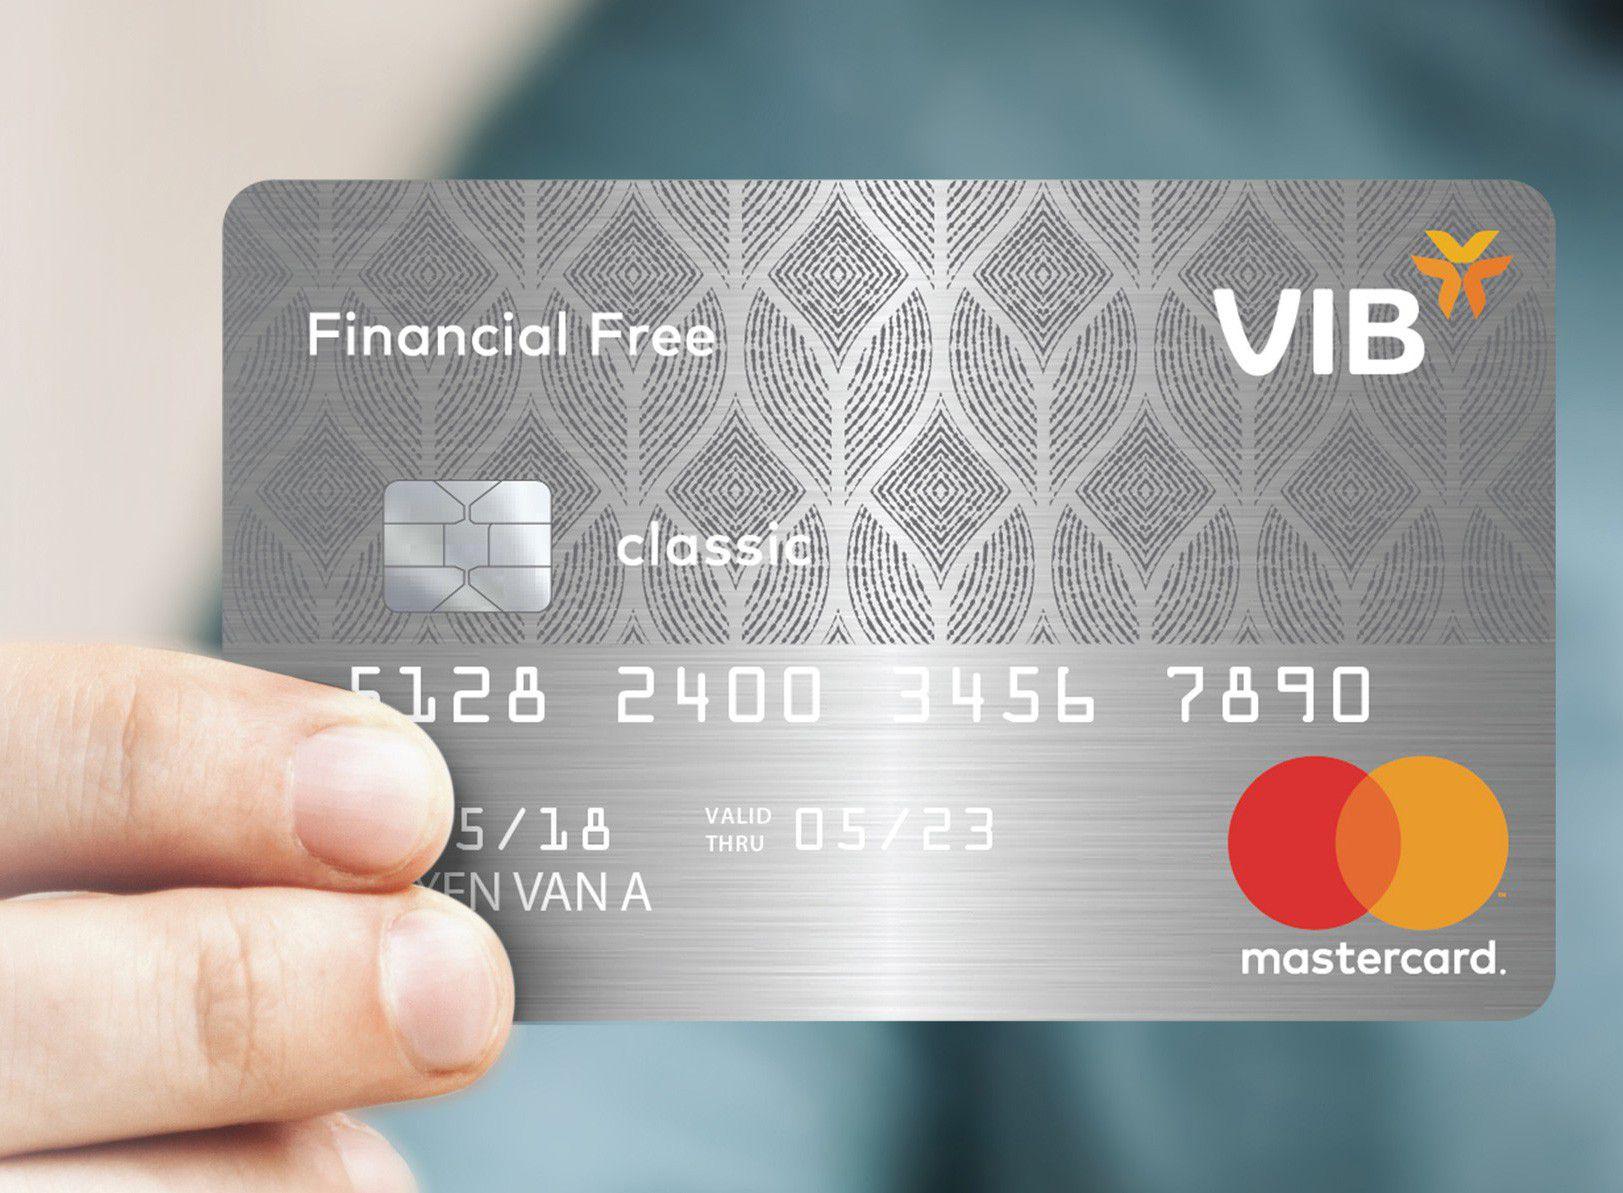 VIB FINANCIAL FREE – THOẢI MÁI RÚT TIỀN 100% HẠN MỨC